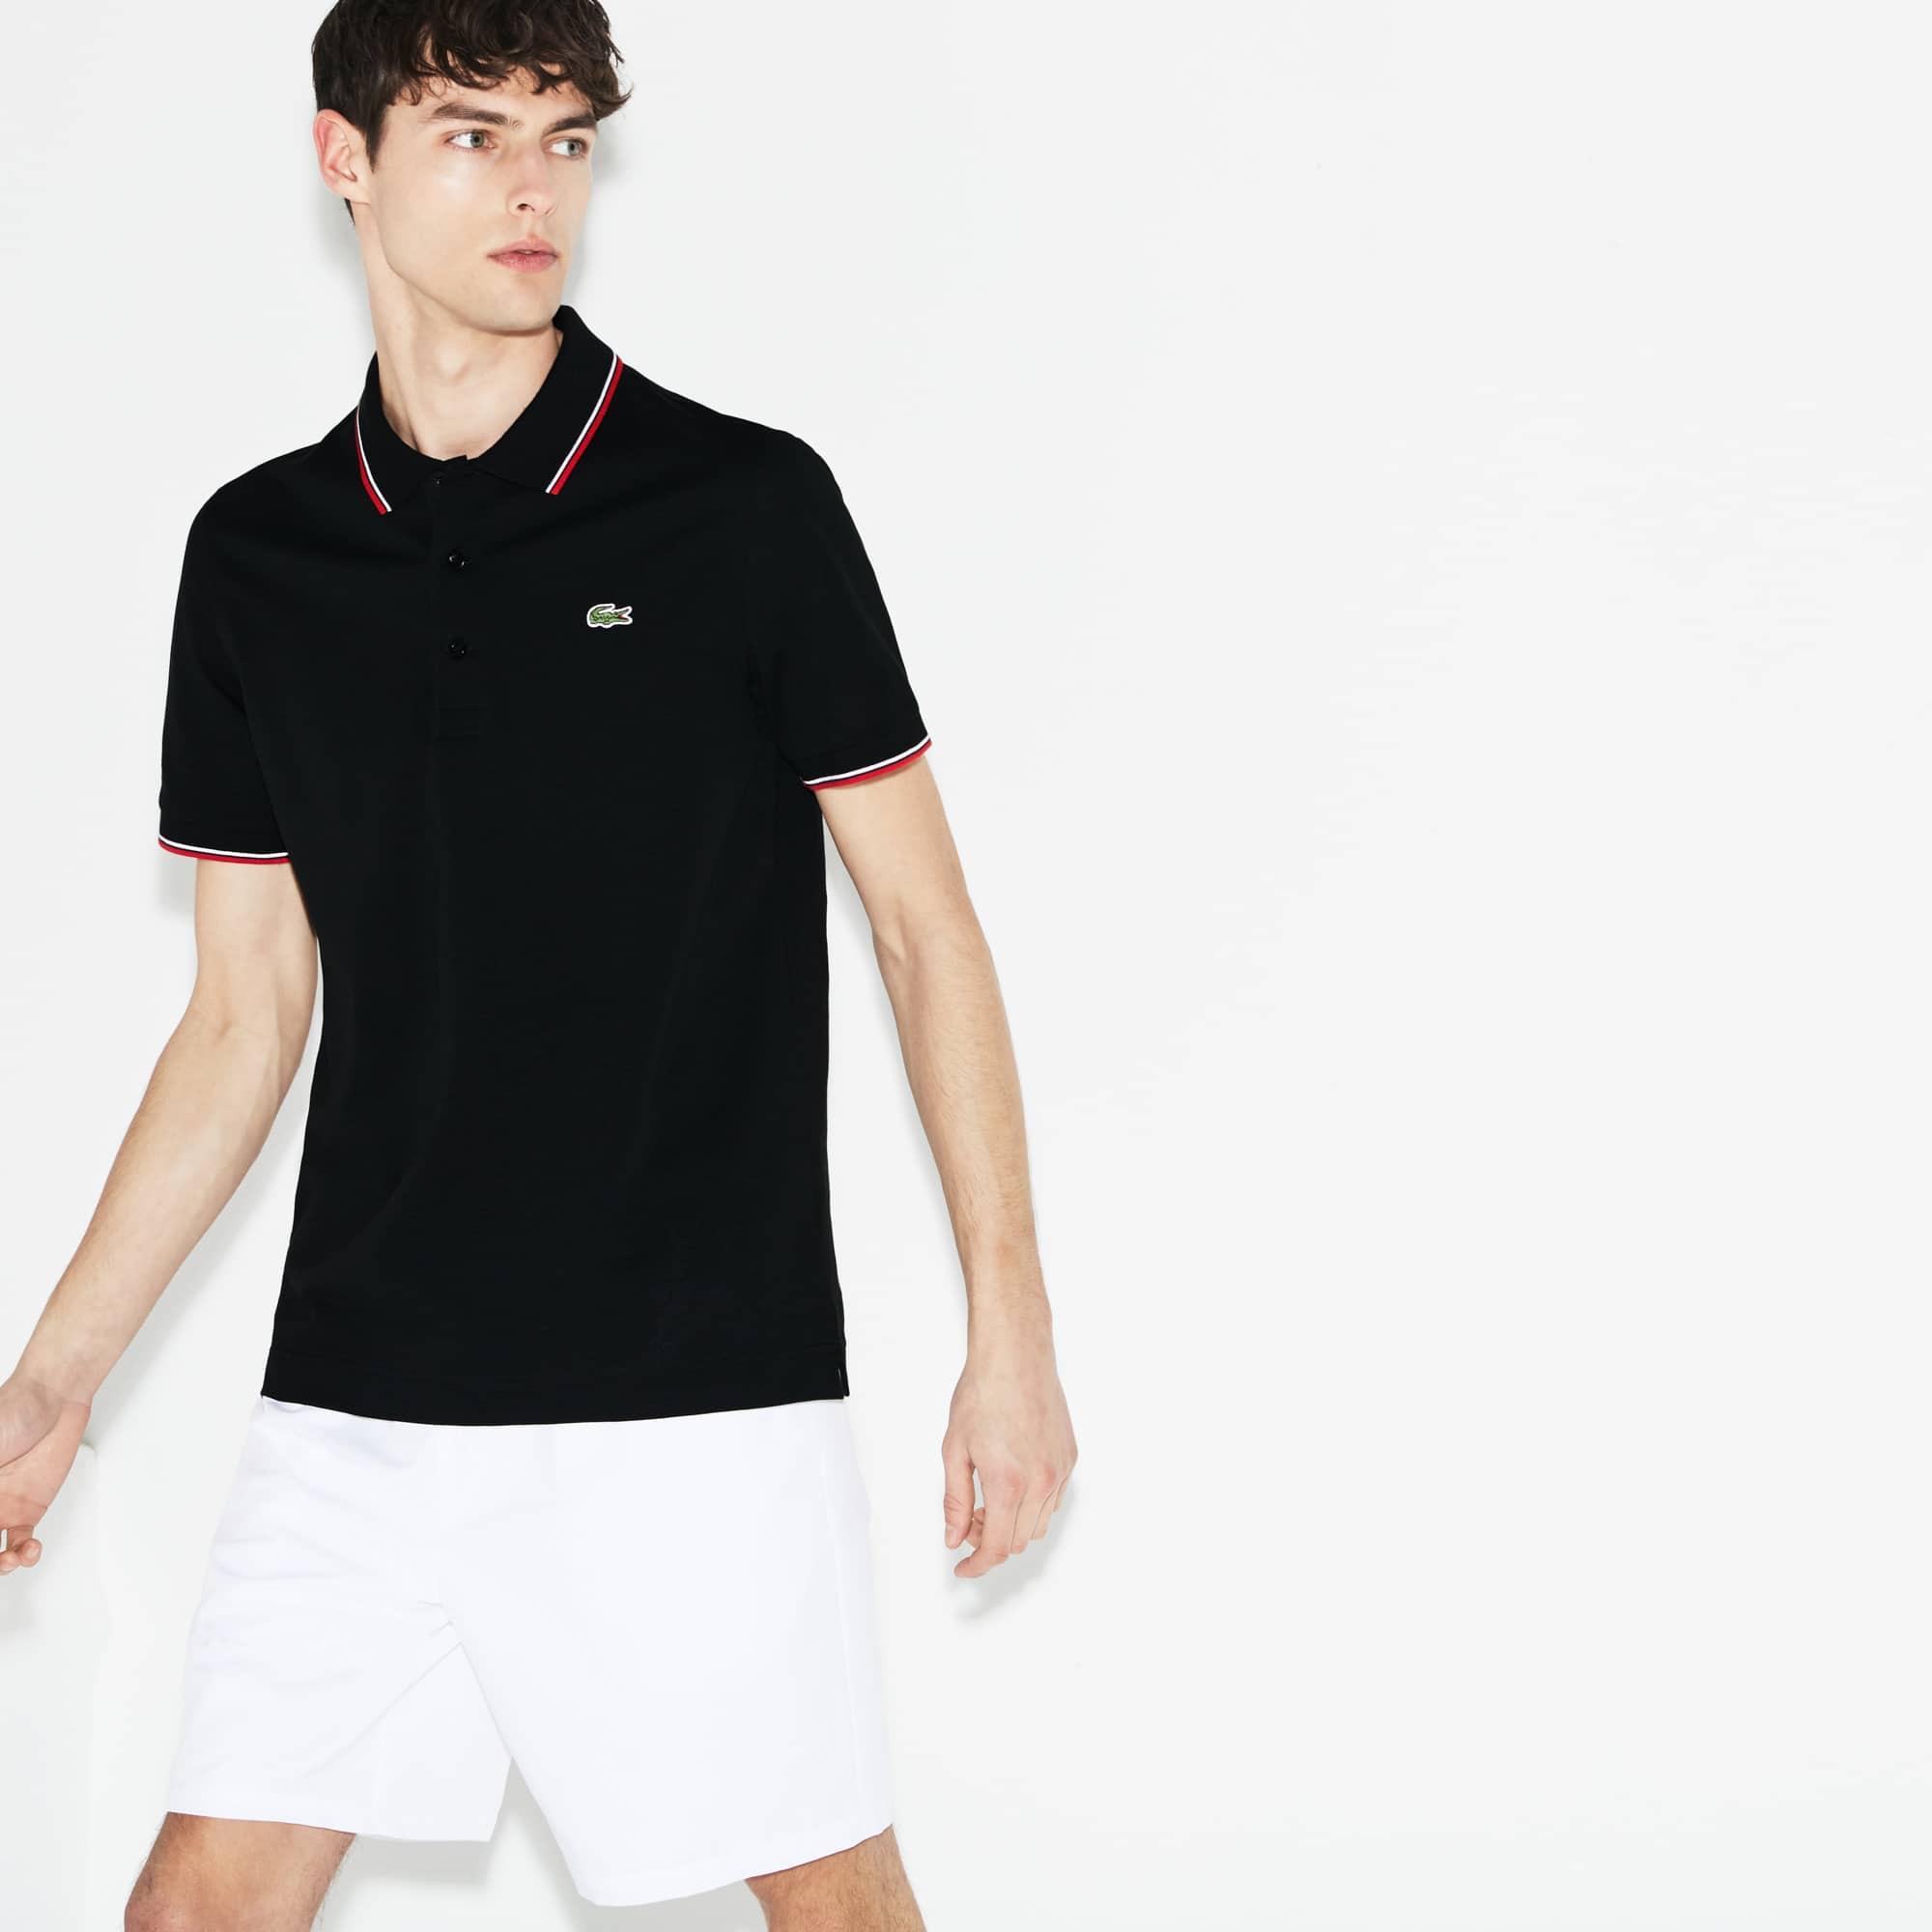 Camisa Polo Lacoste SPORT Masculina em Malha Ultraleve com Acabamento em Vivo